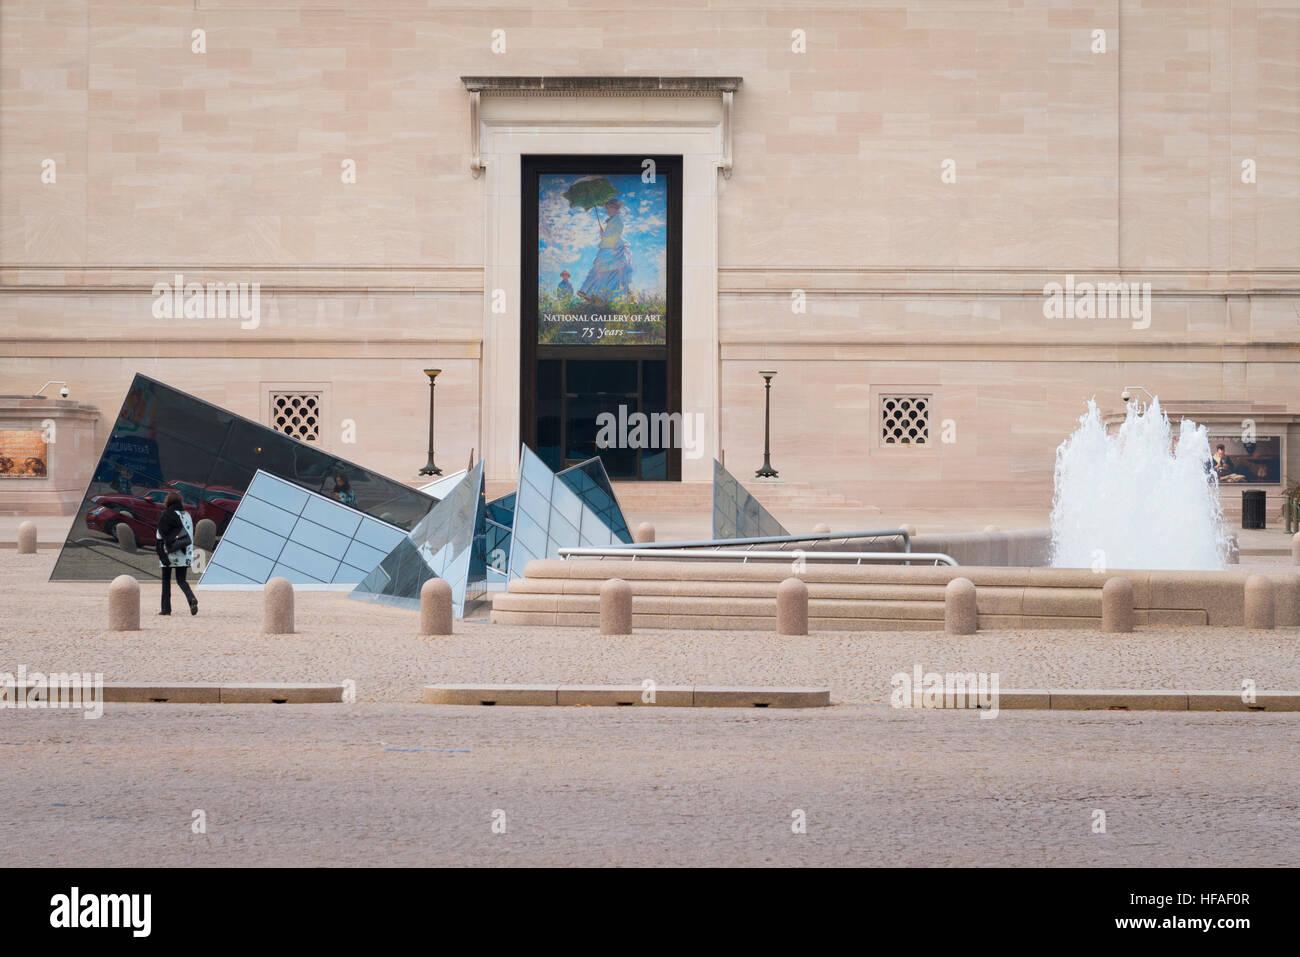 USA Washington DC Capital District de Columbia Exterior Galerie Nationale d'Art moderne sculpture géométrique Photo Stock